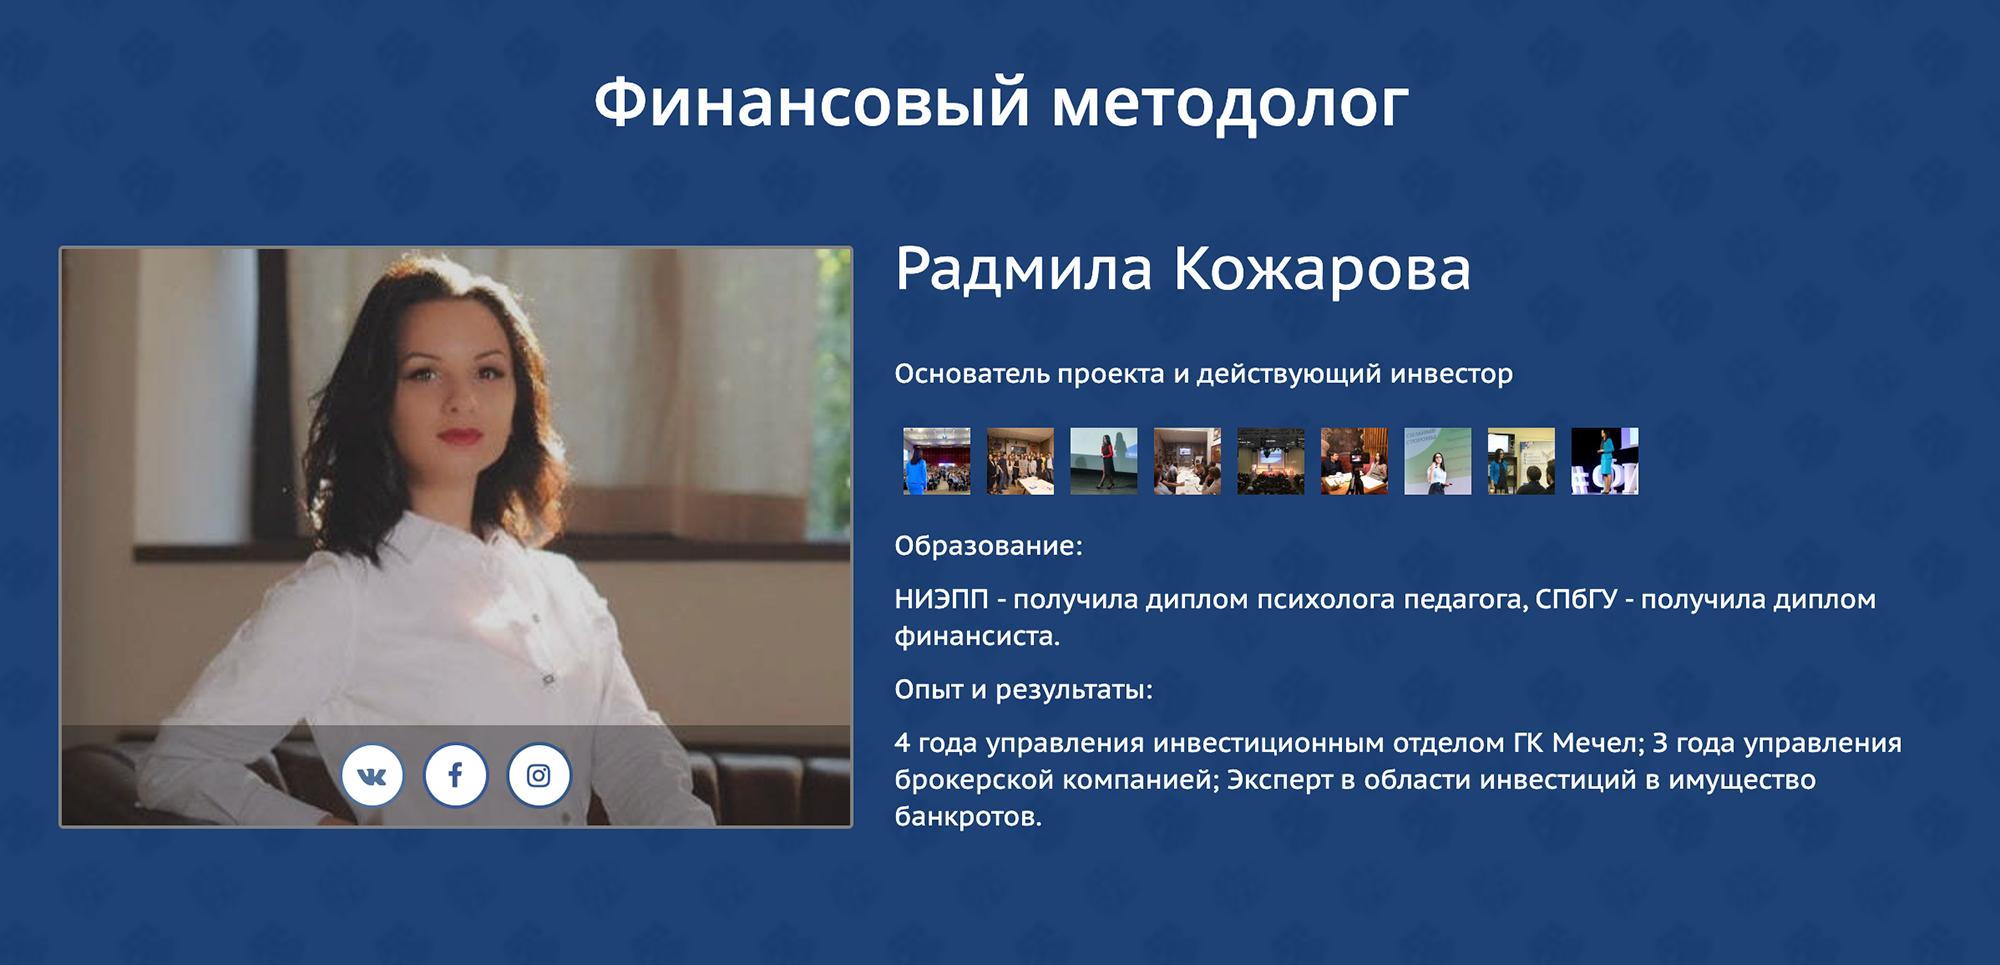 Сайт «Финтранса» представляет Радмилу Кожарову основателем и главным экспертом, а дляубедительности приводит ее богатый опыт работы в области инвестиций